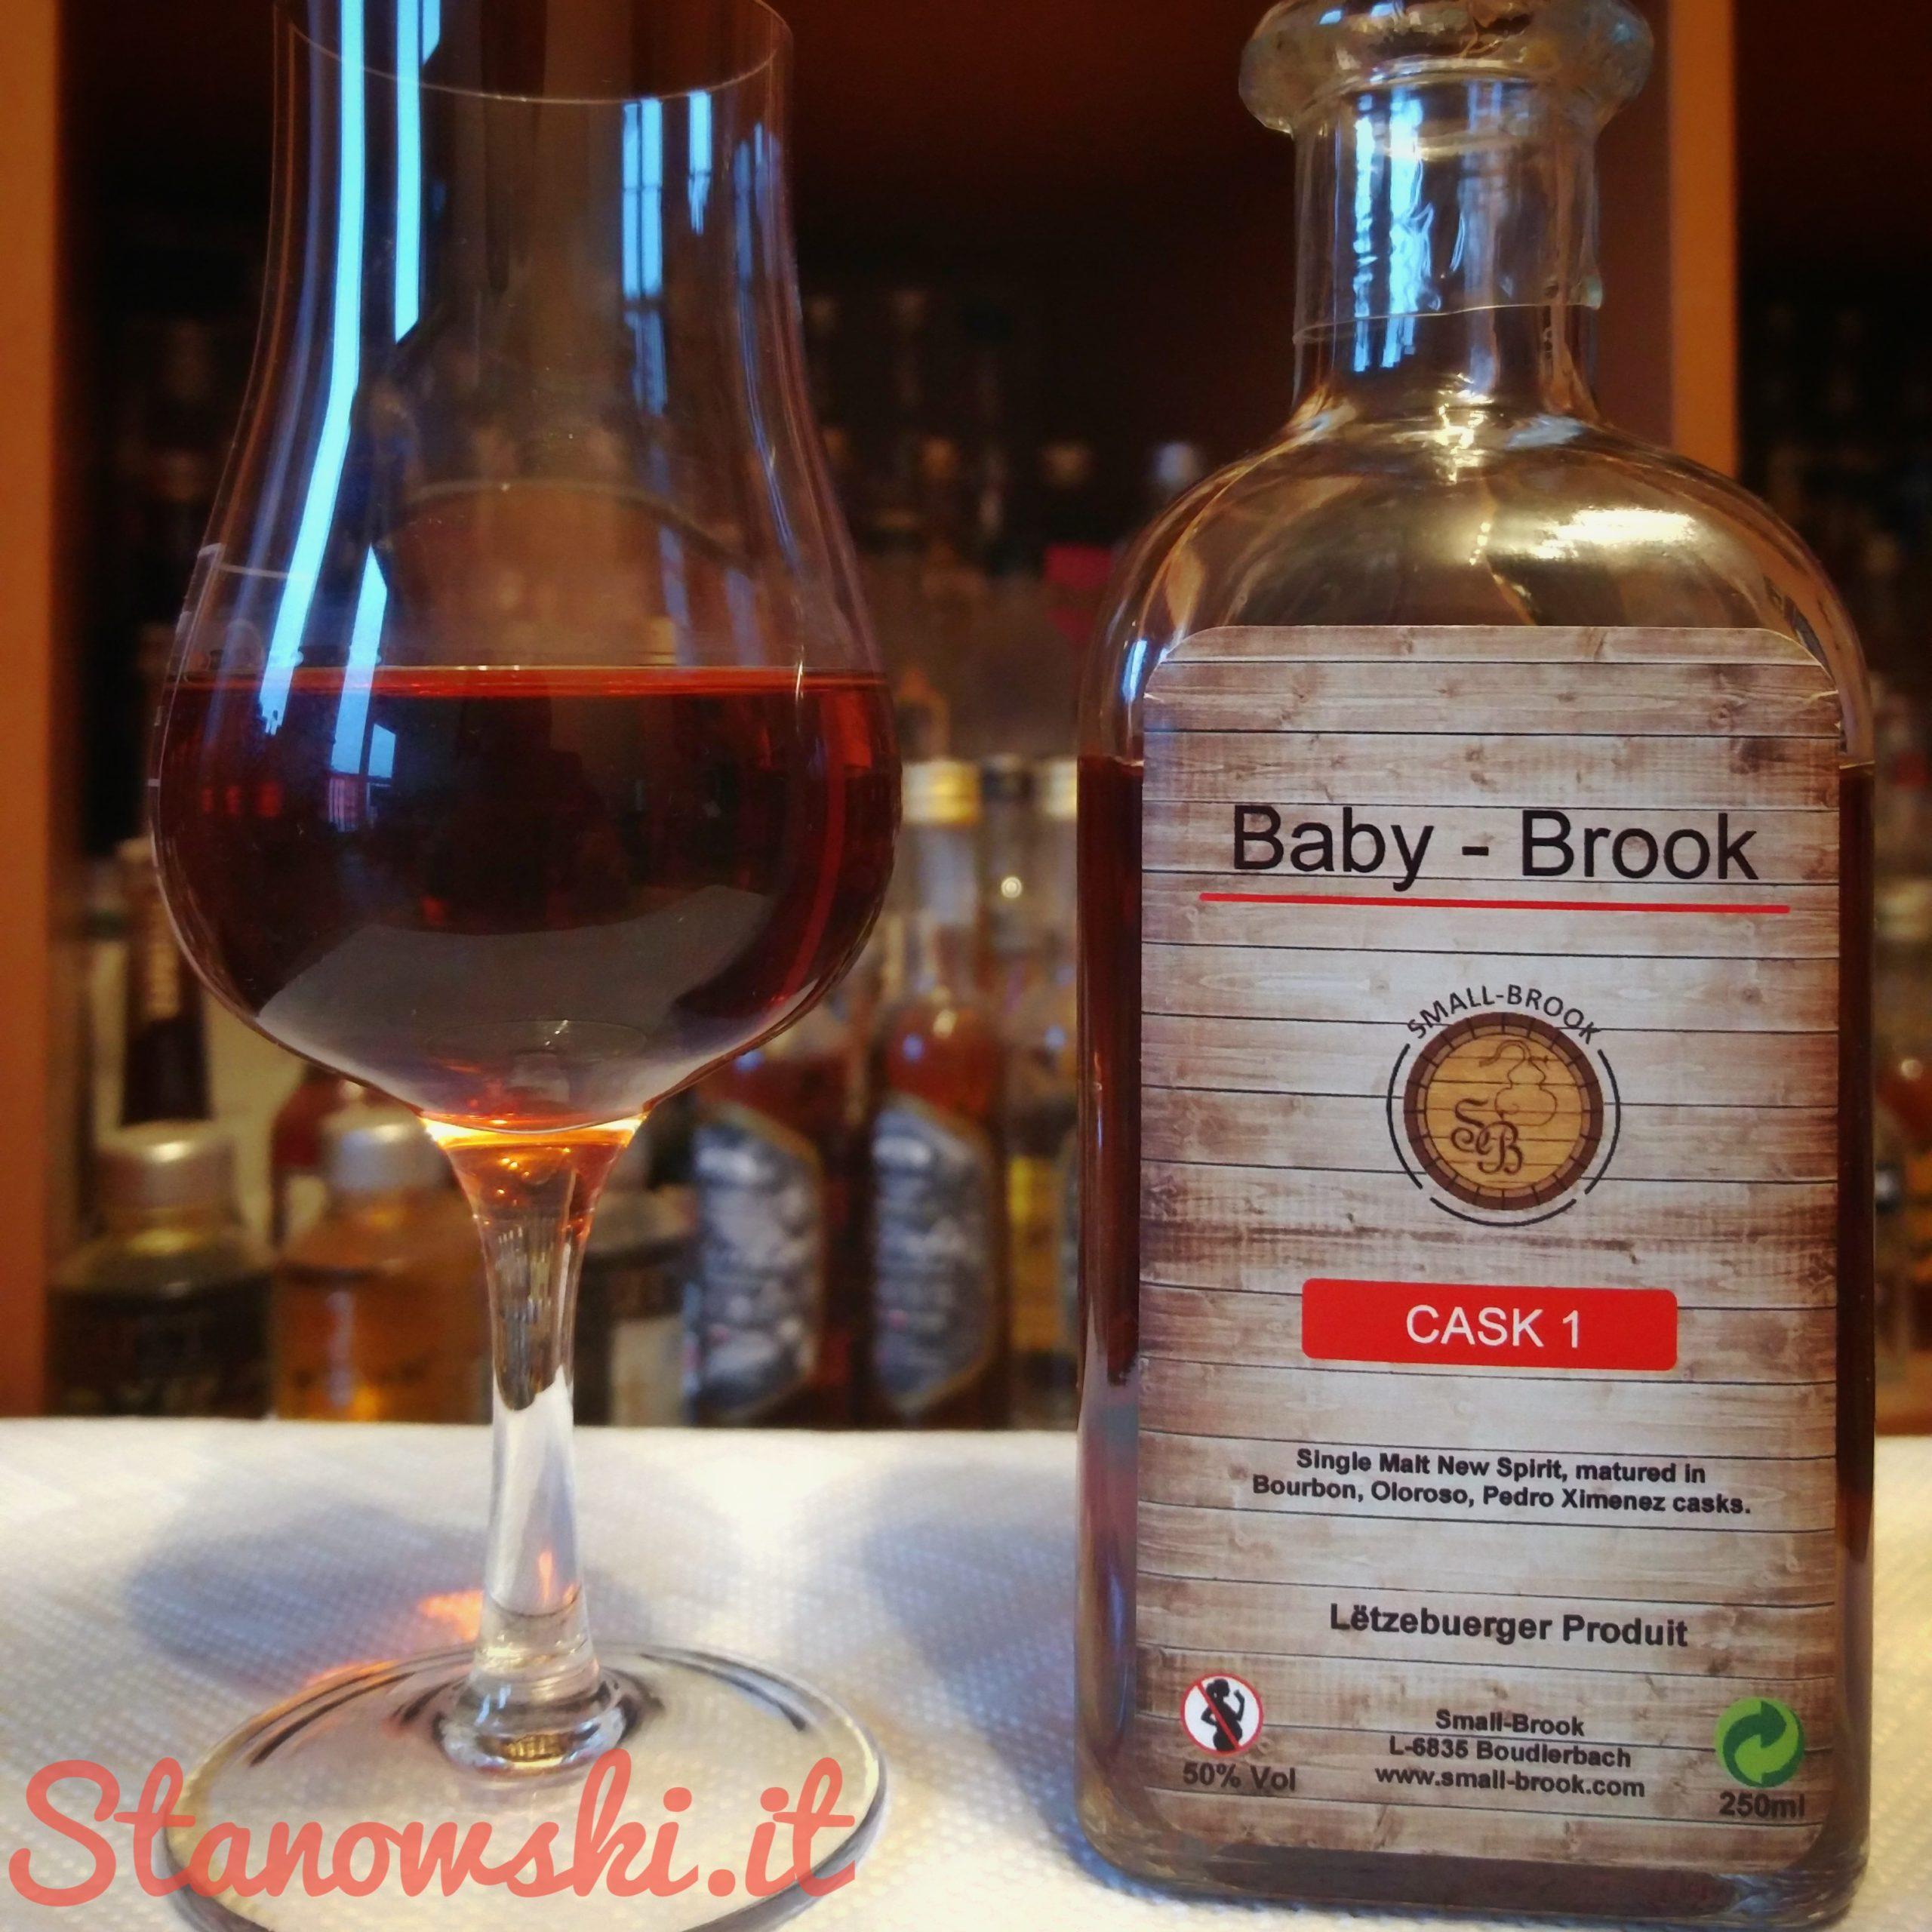 Baby-Brook Cask 1